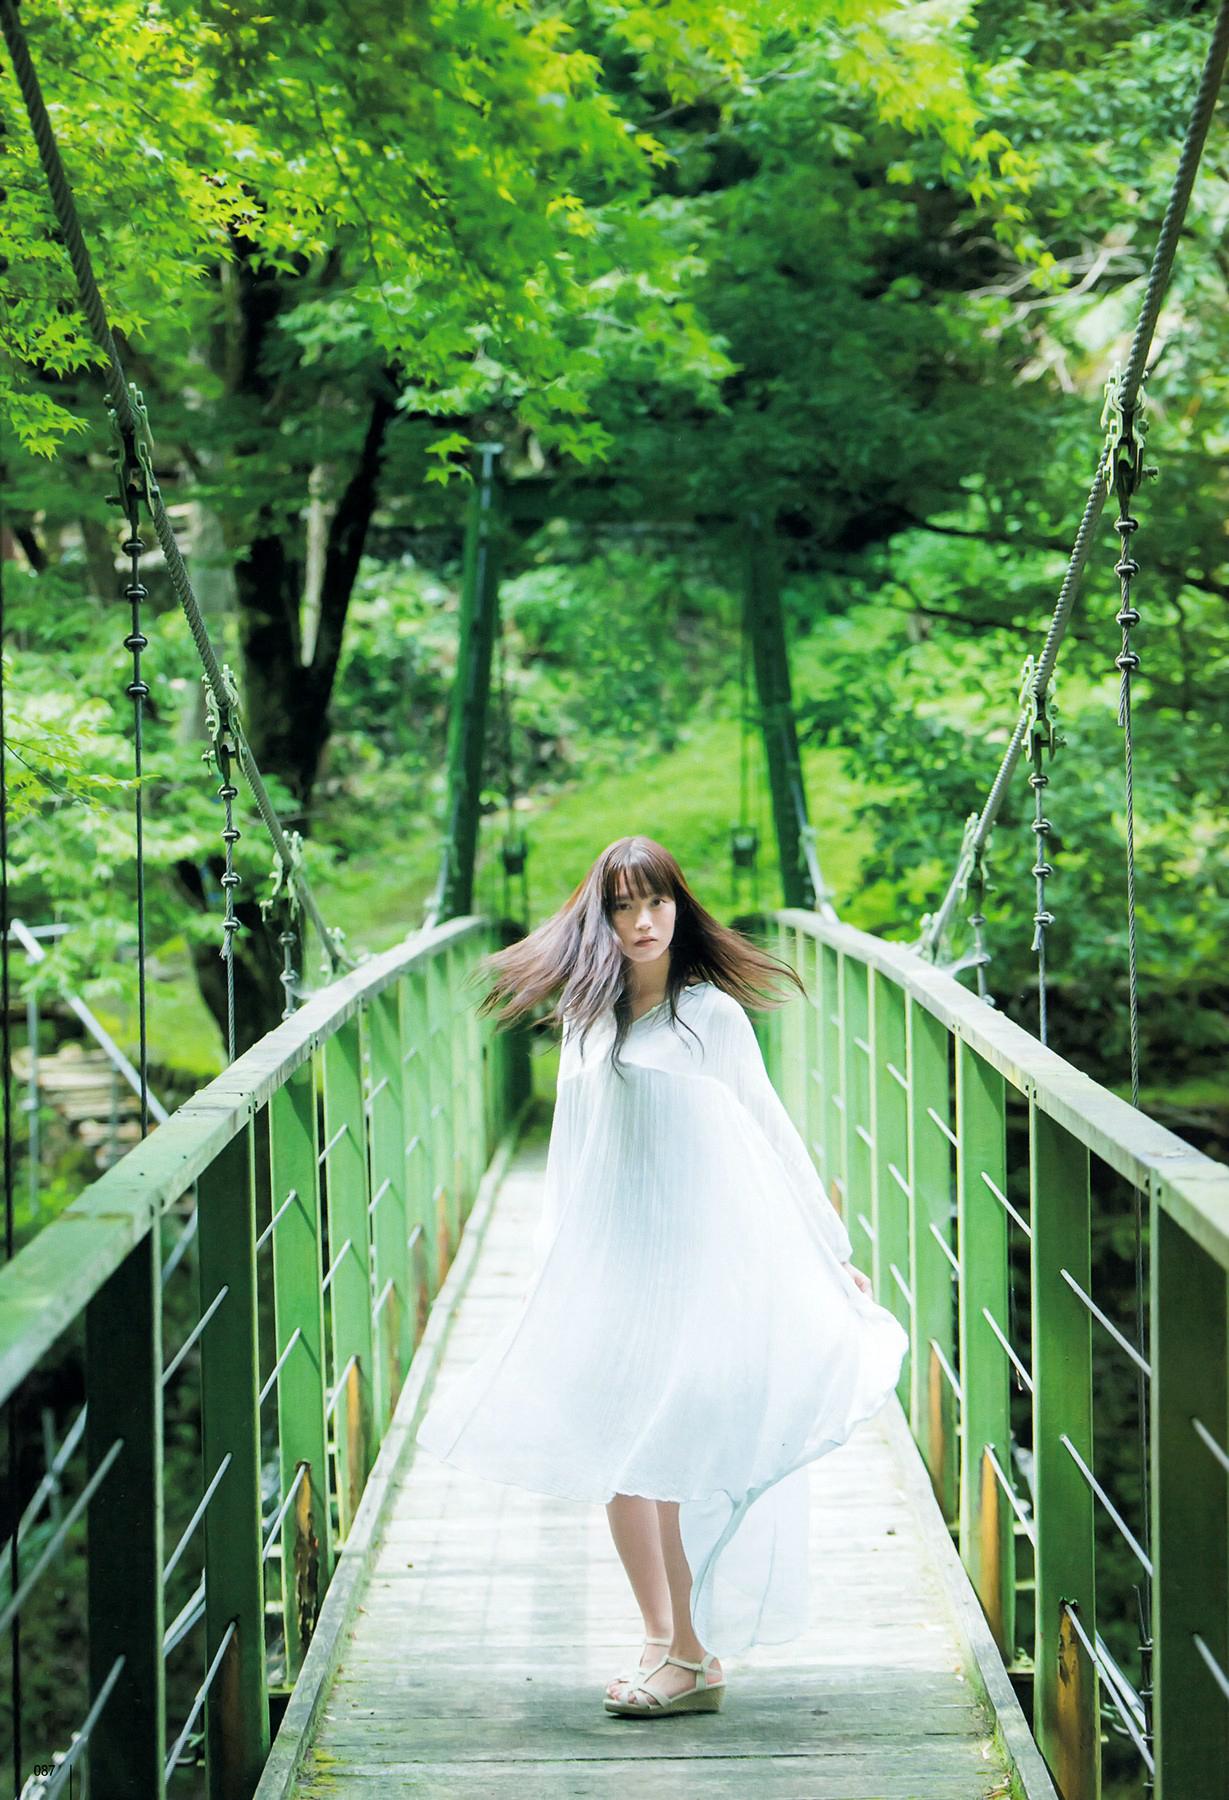 橋の上にいる中元日芽香の画像